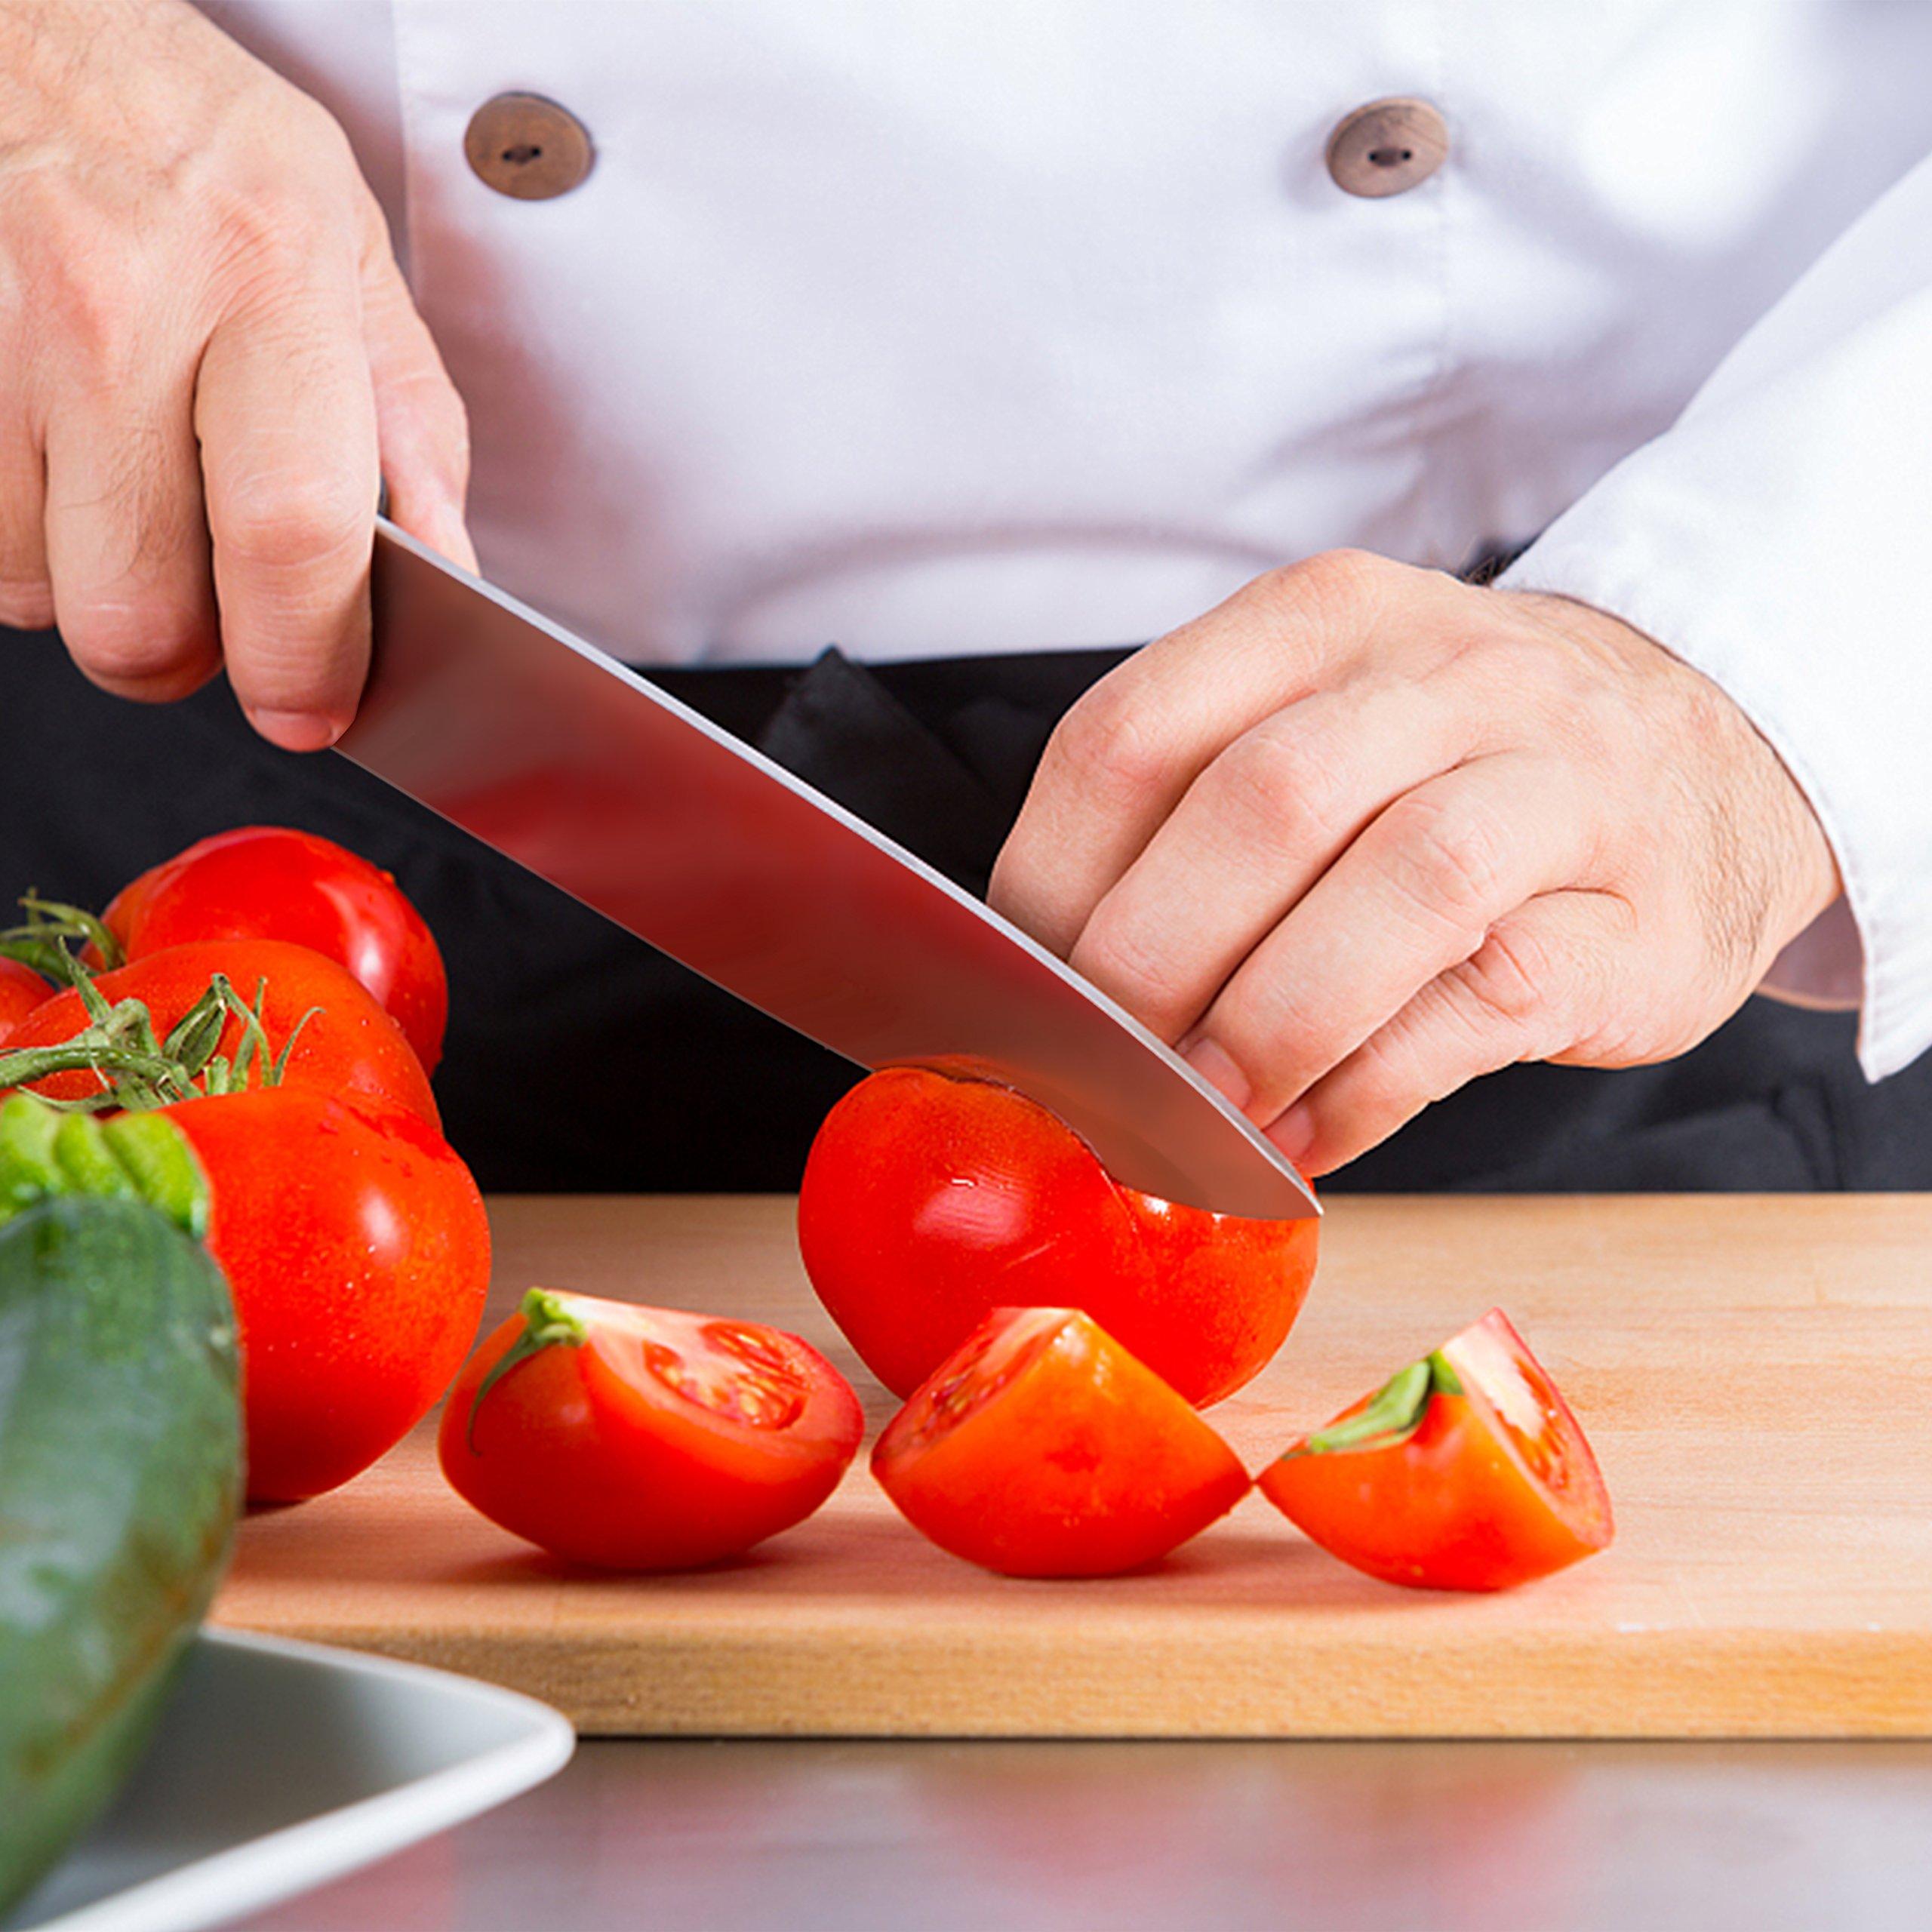 Küchenmesser, Profi 20cm Kochmesser ,Chefmesser,Gemüsemesser,Allzweckmesser, Kartoffelschälmesser aus hochwertigem Carbon Edelstahl,Extra Scharfe Messerklinge, Ergonomischer Holz-Griff